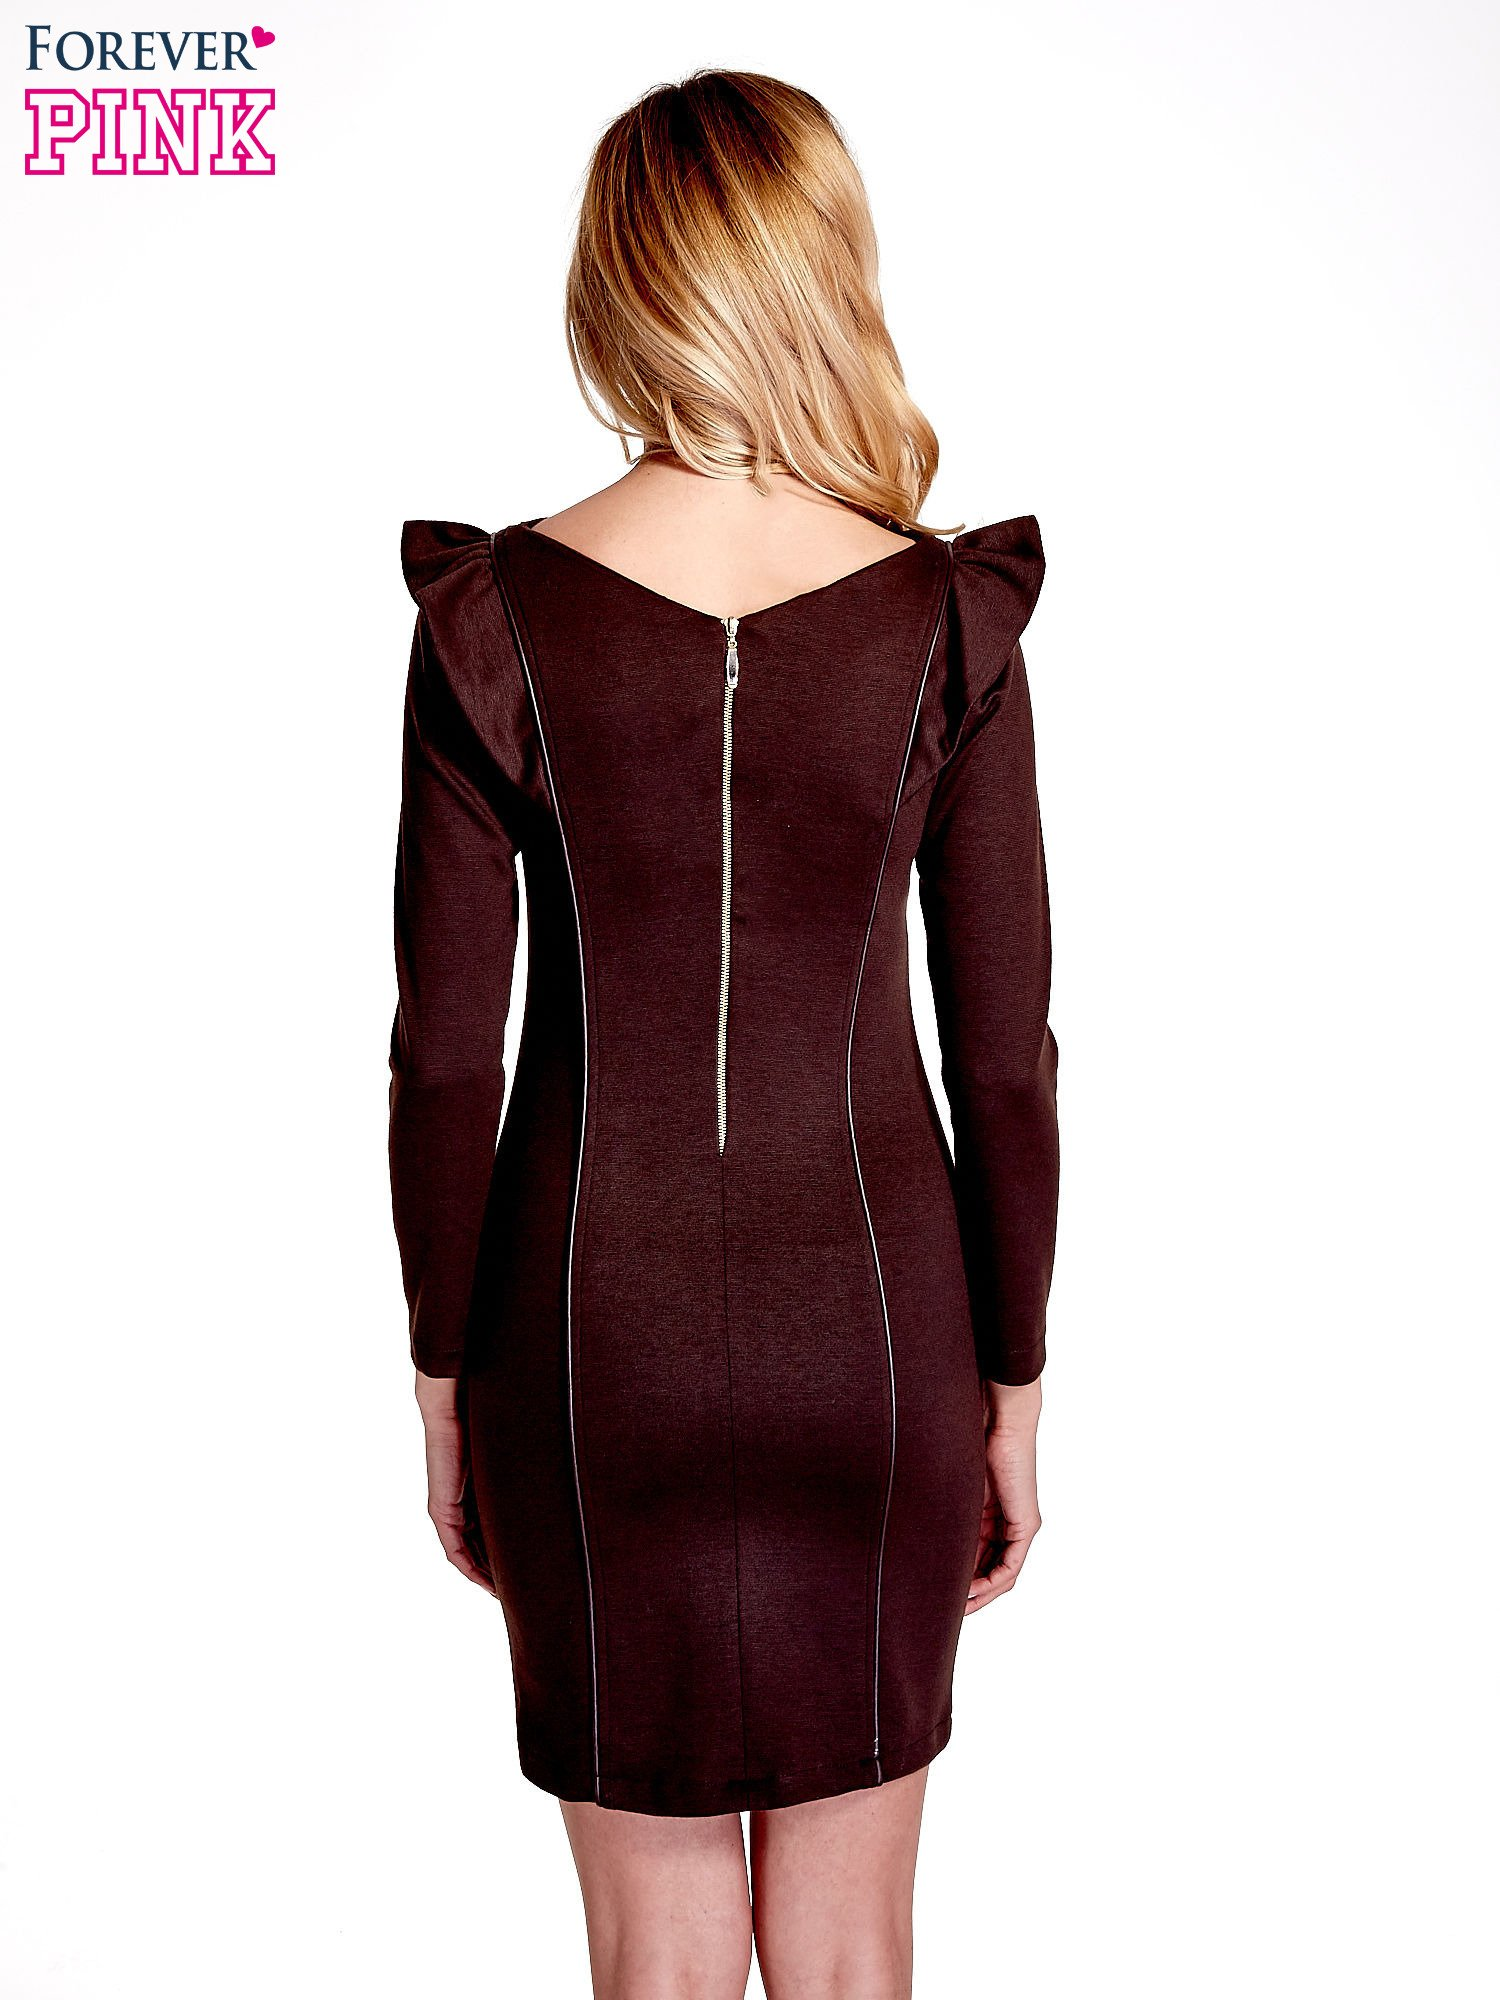 Brązowa sukienka z falbanami na ramionach                                  zdj.                                  2